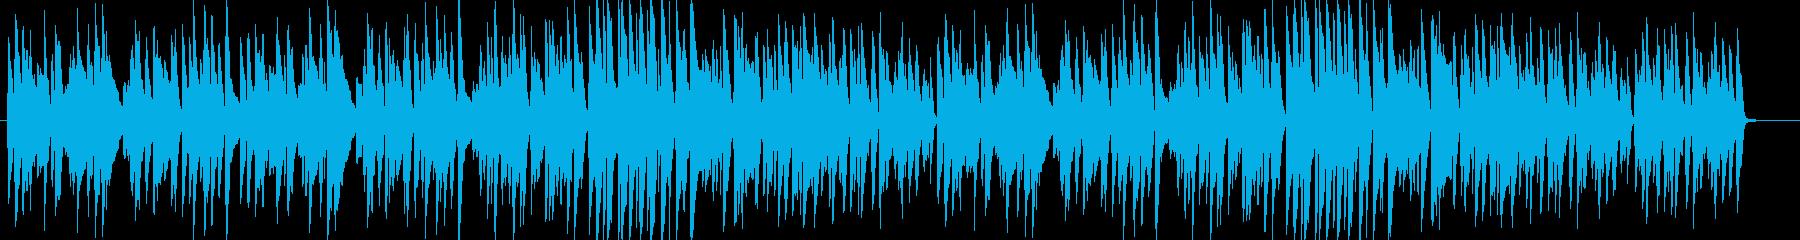 ピアノソロ 軽快かっこよくハイテンポの再生済みの波形